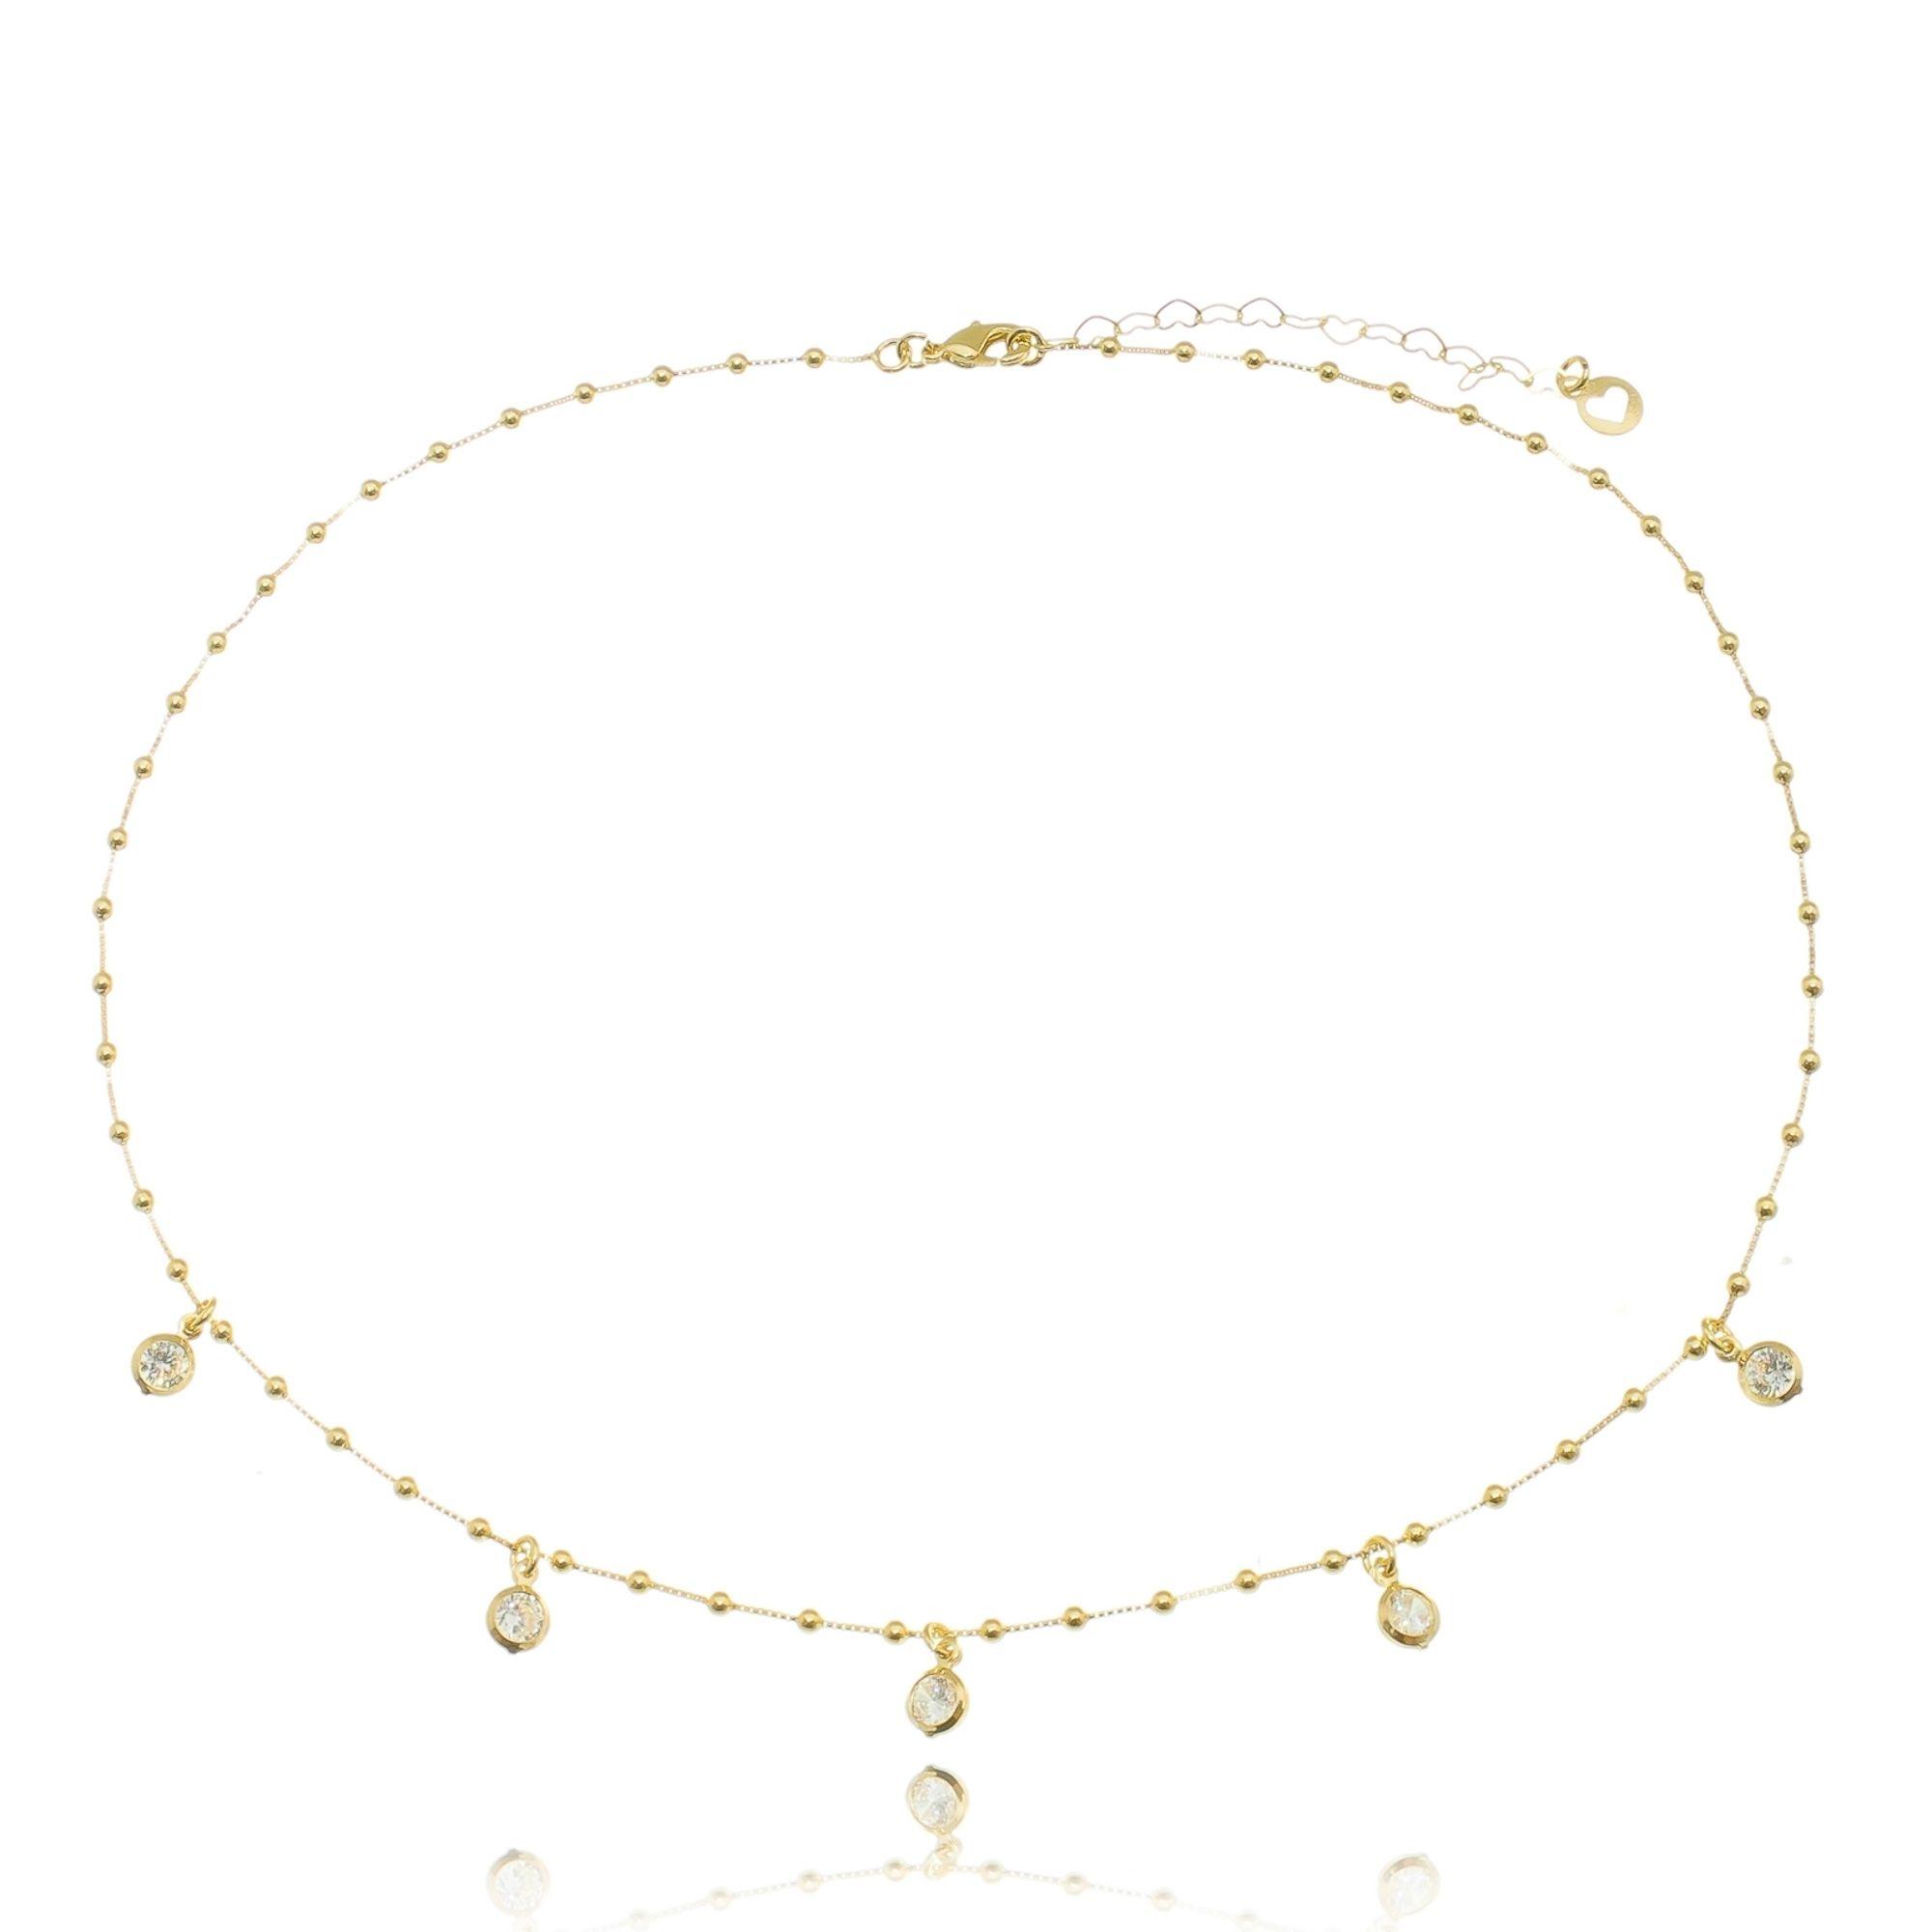 Colar Gargantilha da Moda de Bolinhas e Pingentes Zircônia Branca Semijoia Ouro 18K  - Soloyou